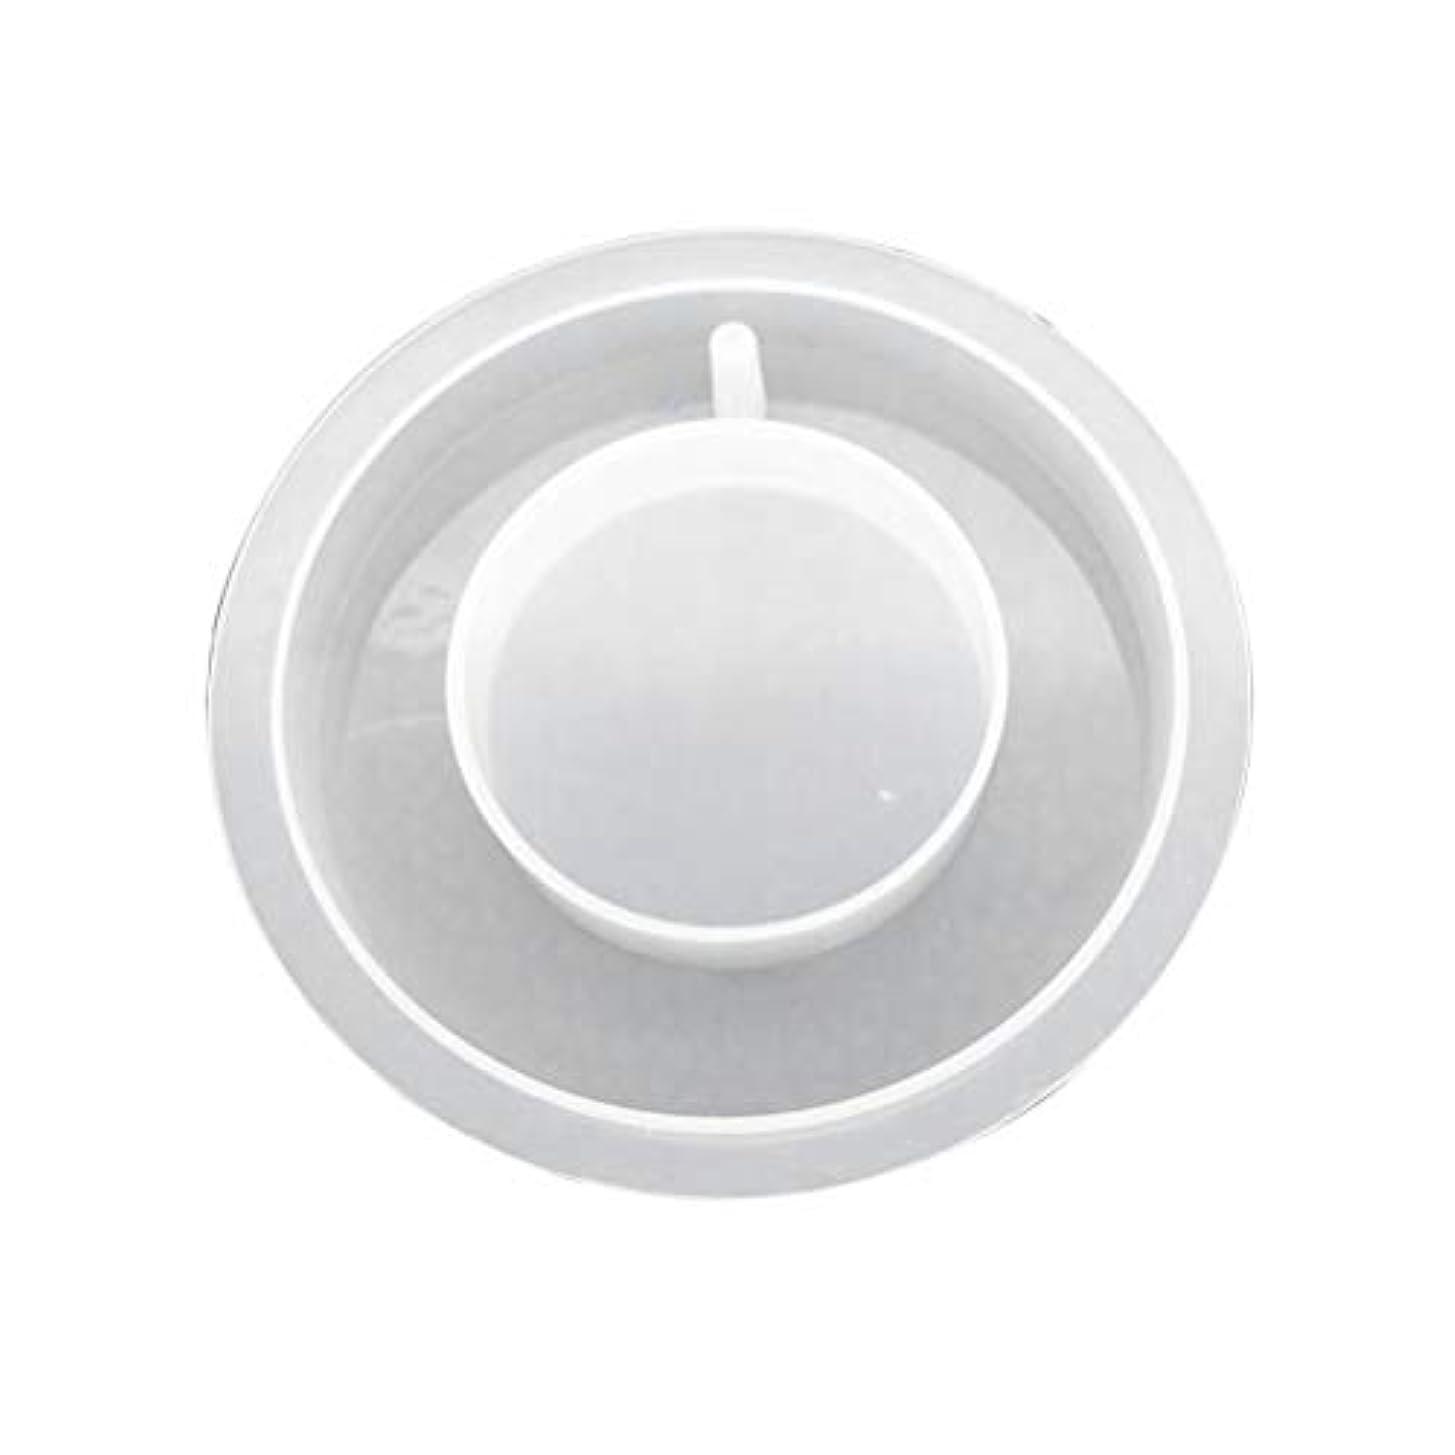 明らか放課後弱まるSUPVOX 樹脂シリコーンリング形状ペンダントクリスタルエポキシ金型でぶら下げ穴石鹸キャンドル用diyギフトジュエリーネックレスペンダント作り